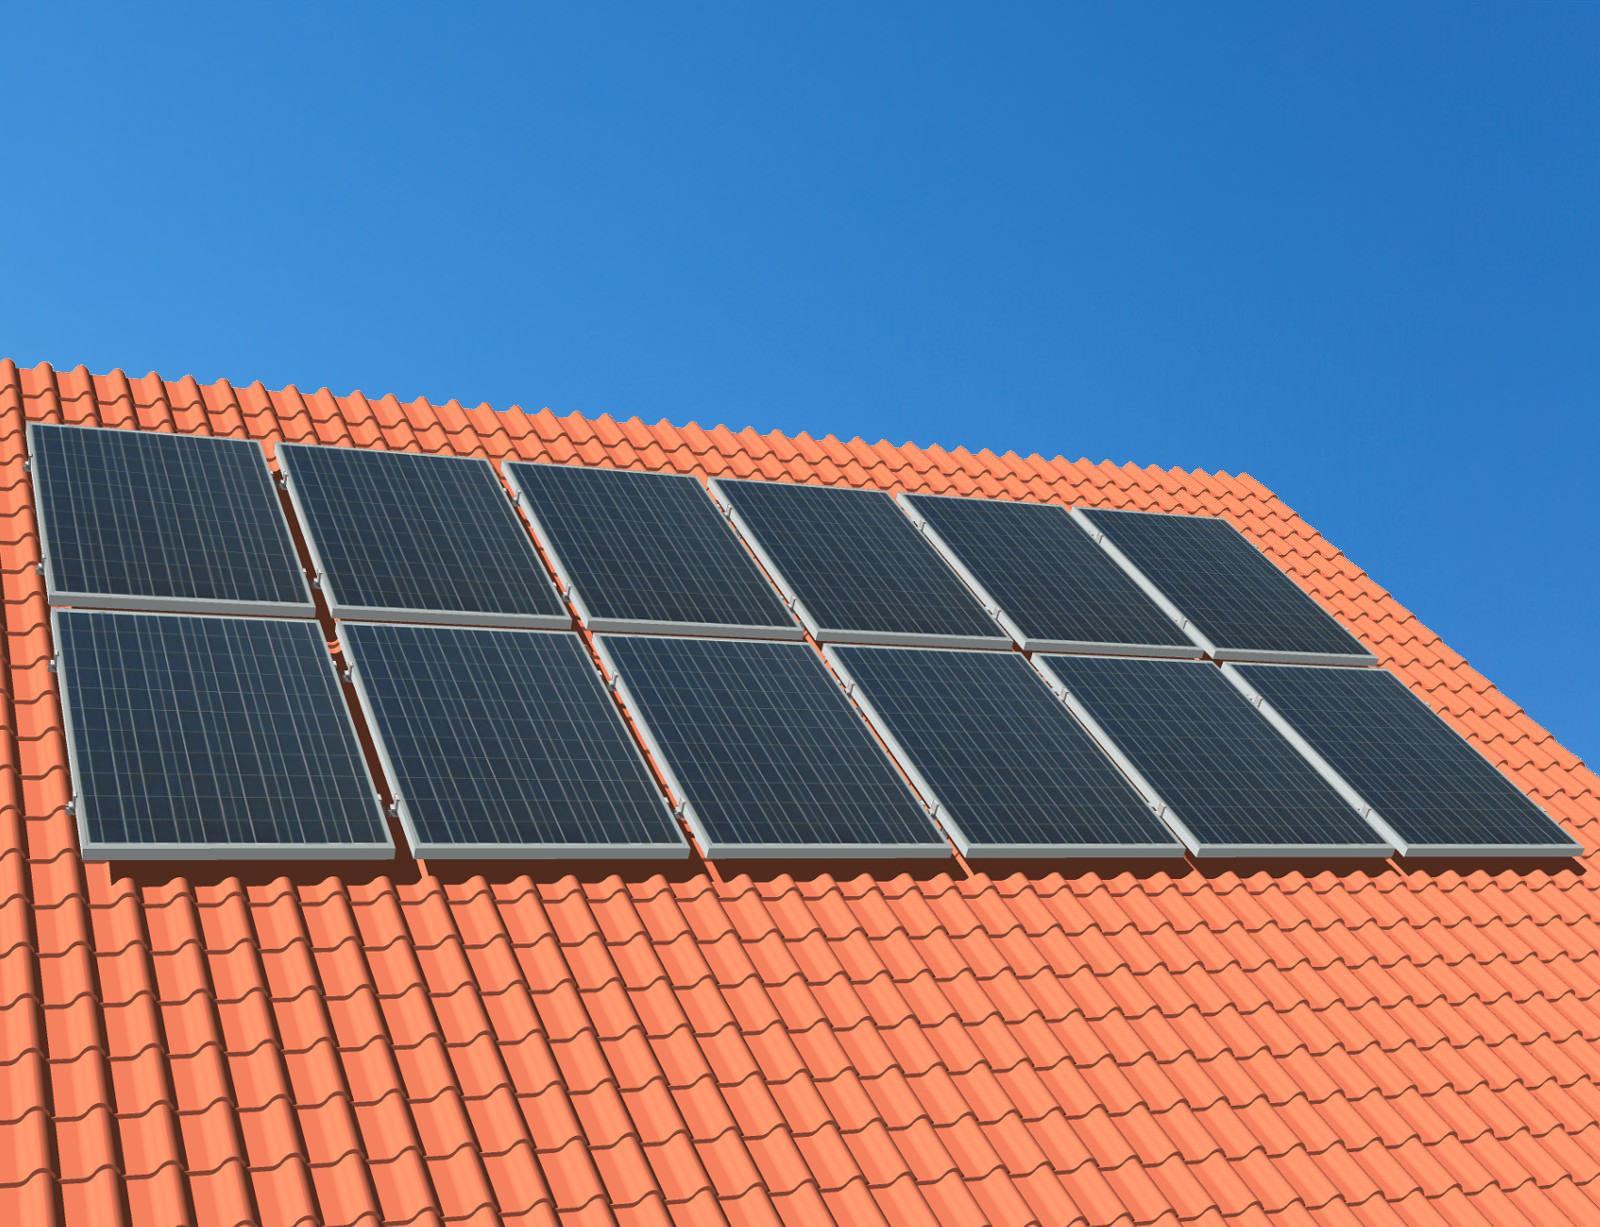 myCleantechSolarPower™ Solaranalage Schrägdach mit 12 Pannels - Musterbild